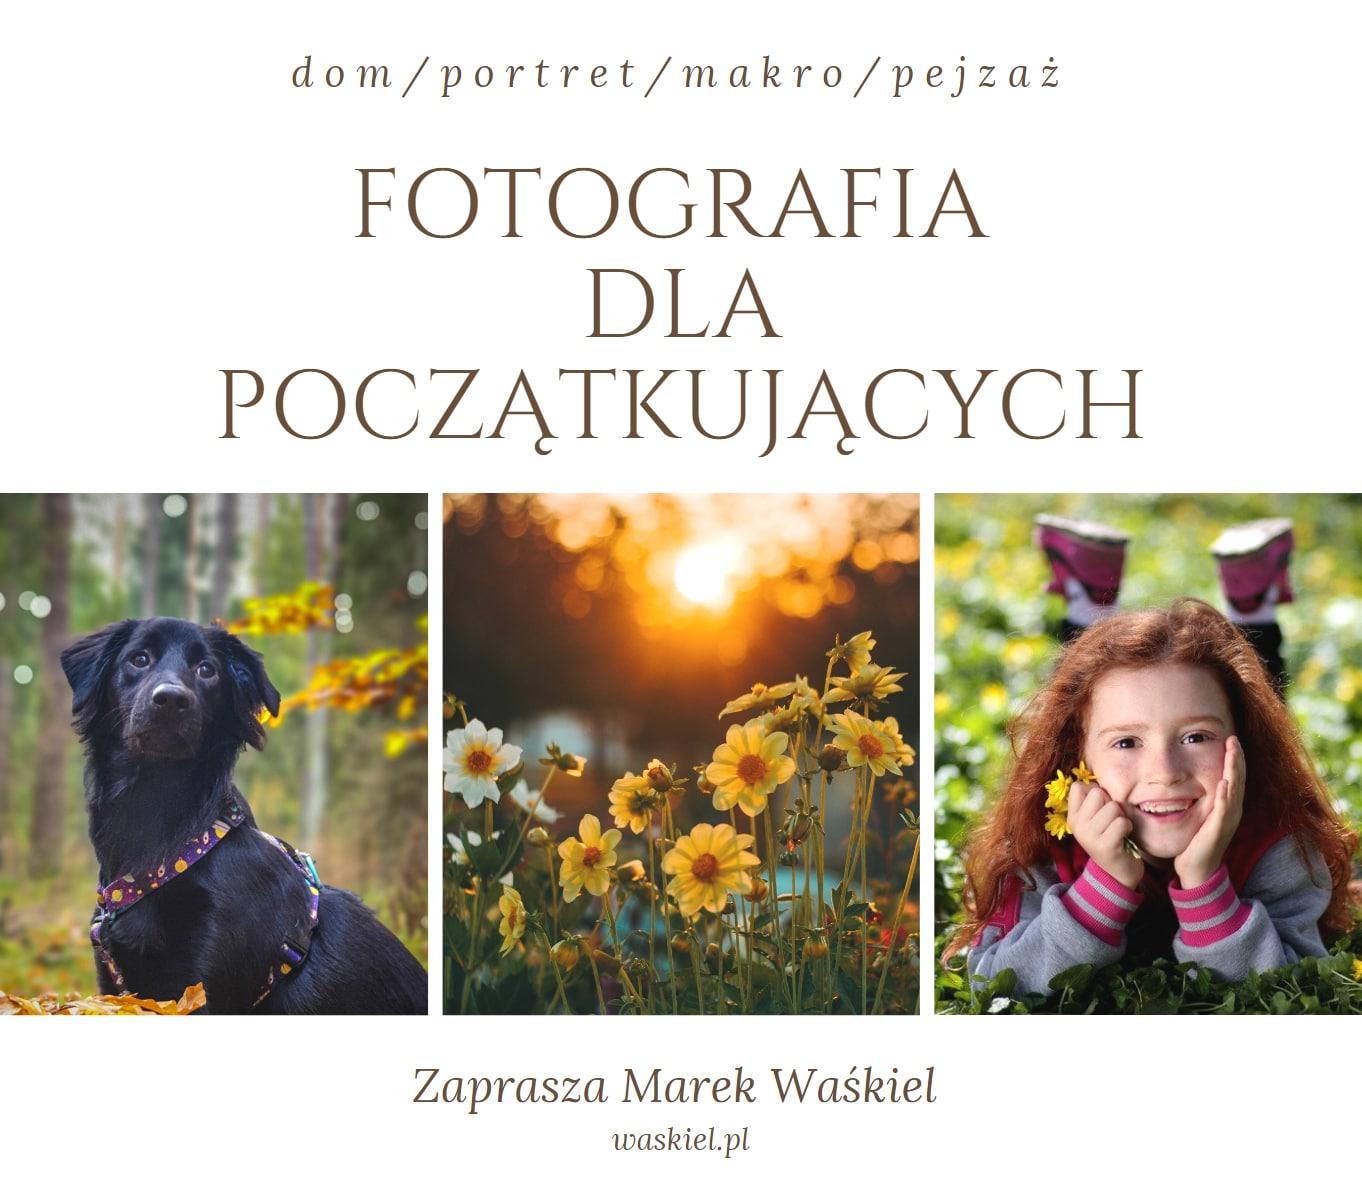 Obraz przedstawiający, jak wyglądają zajęcia w internetowej szkole fotografii portalu Waskiel.pl.